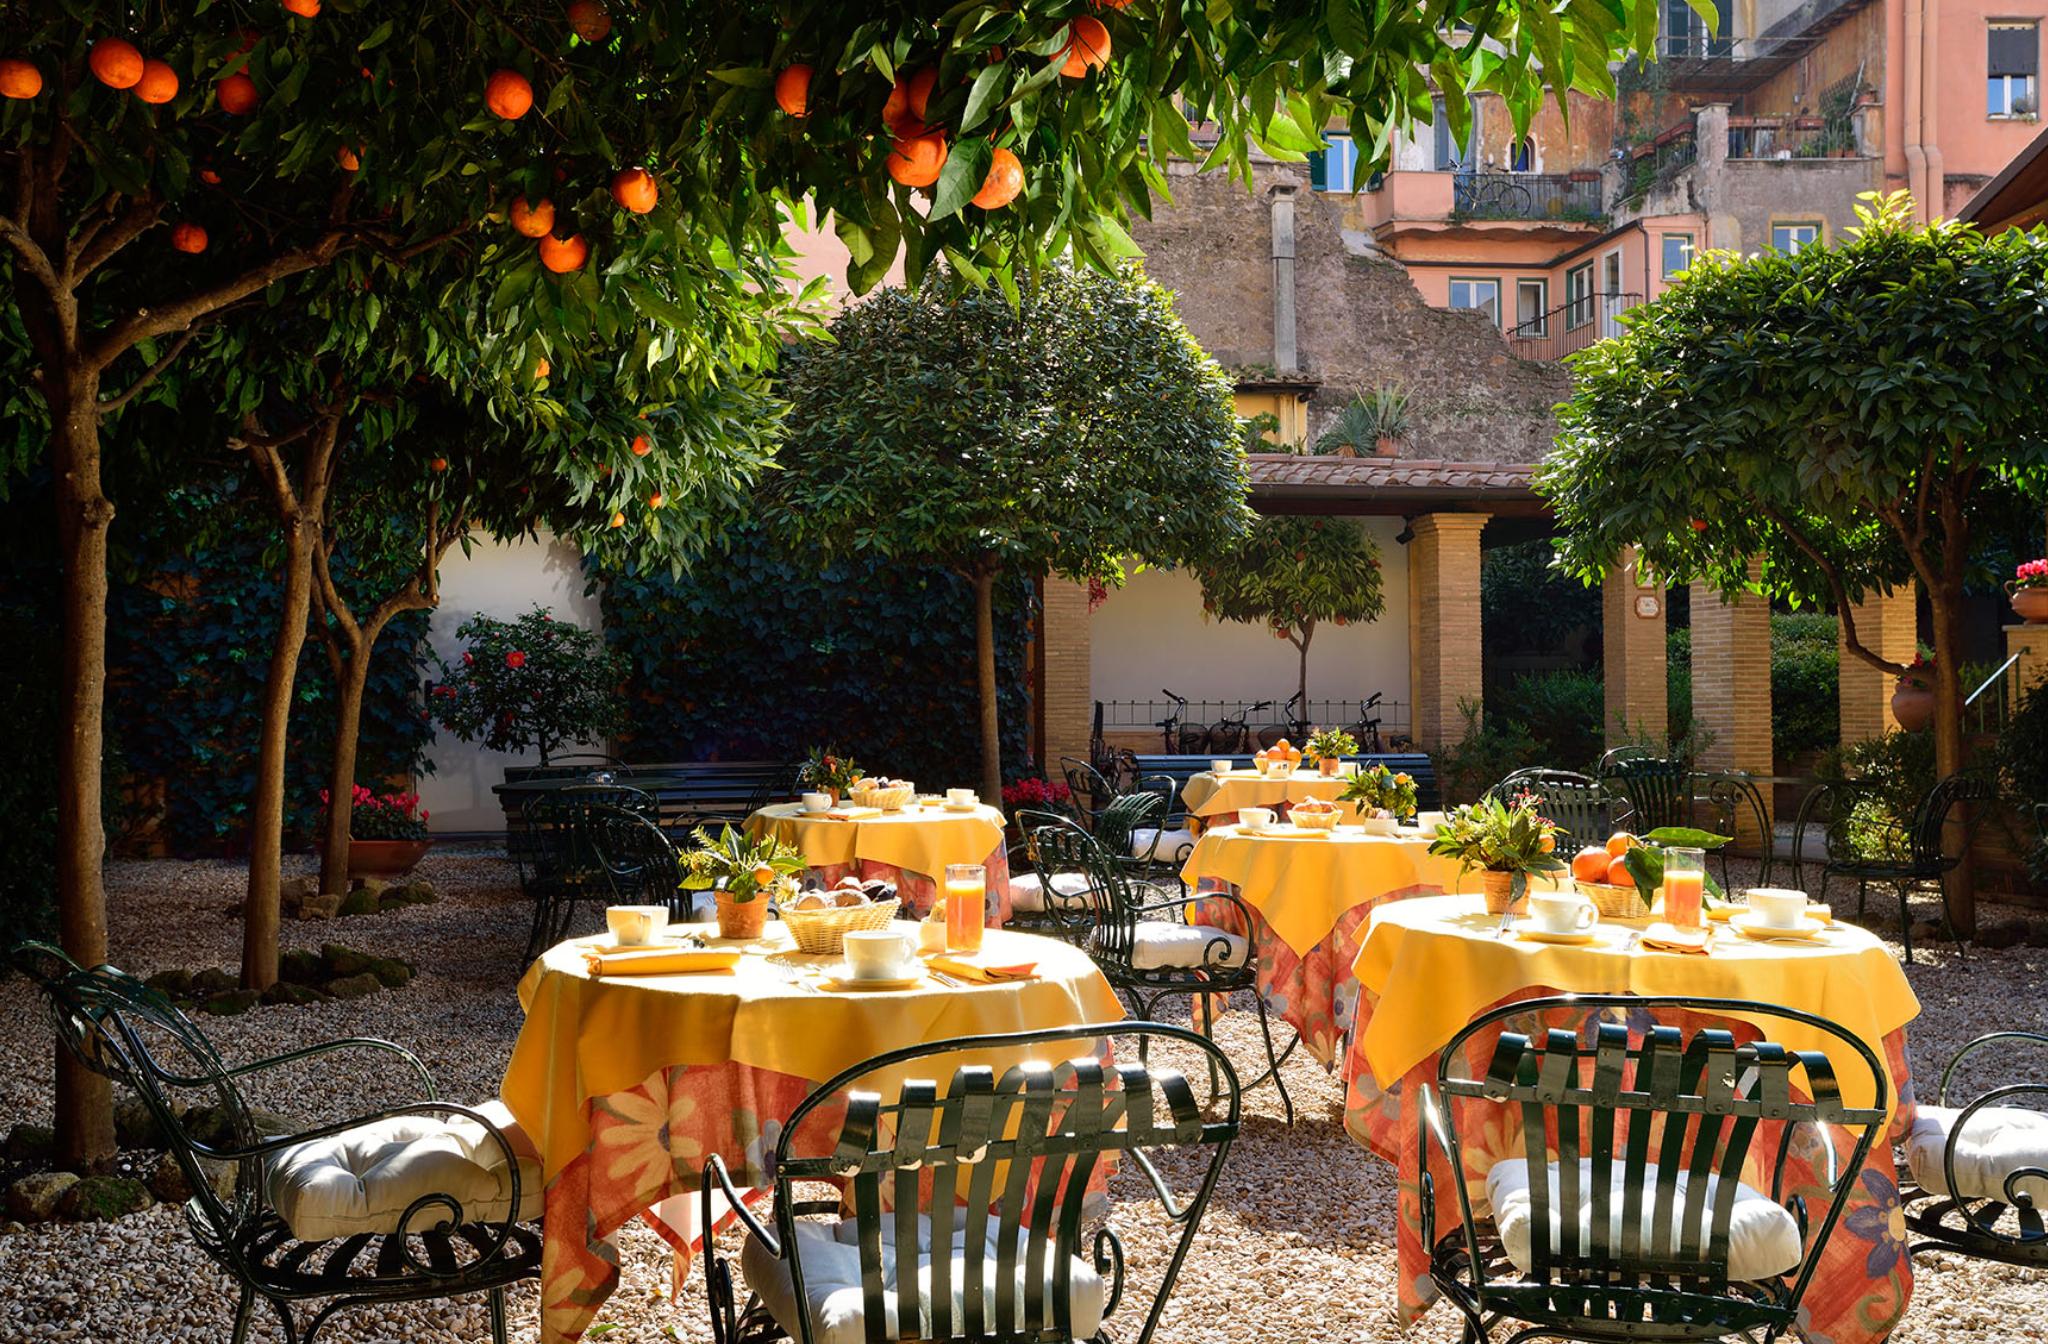 The 9 Best Trastevere, Rome Hotels of 2019